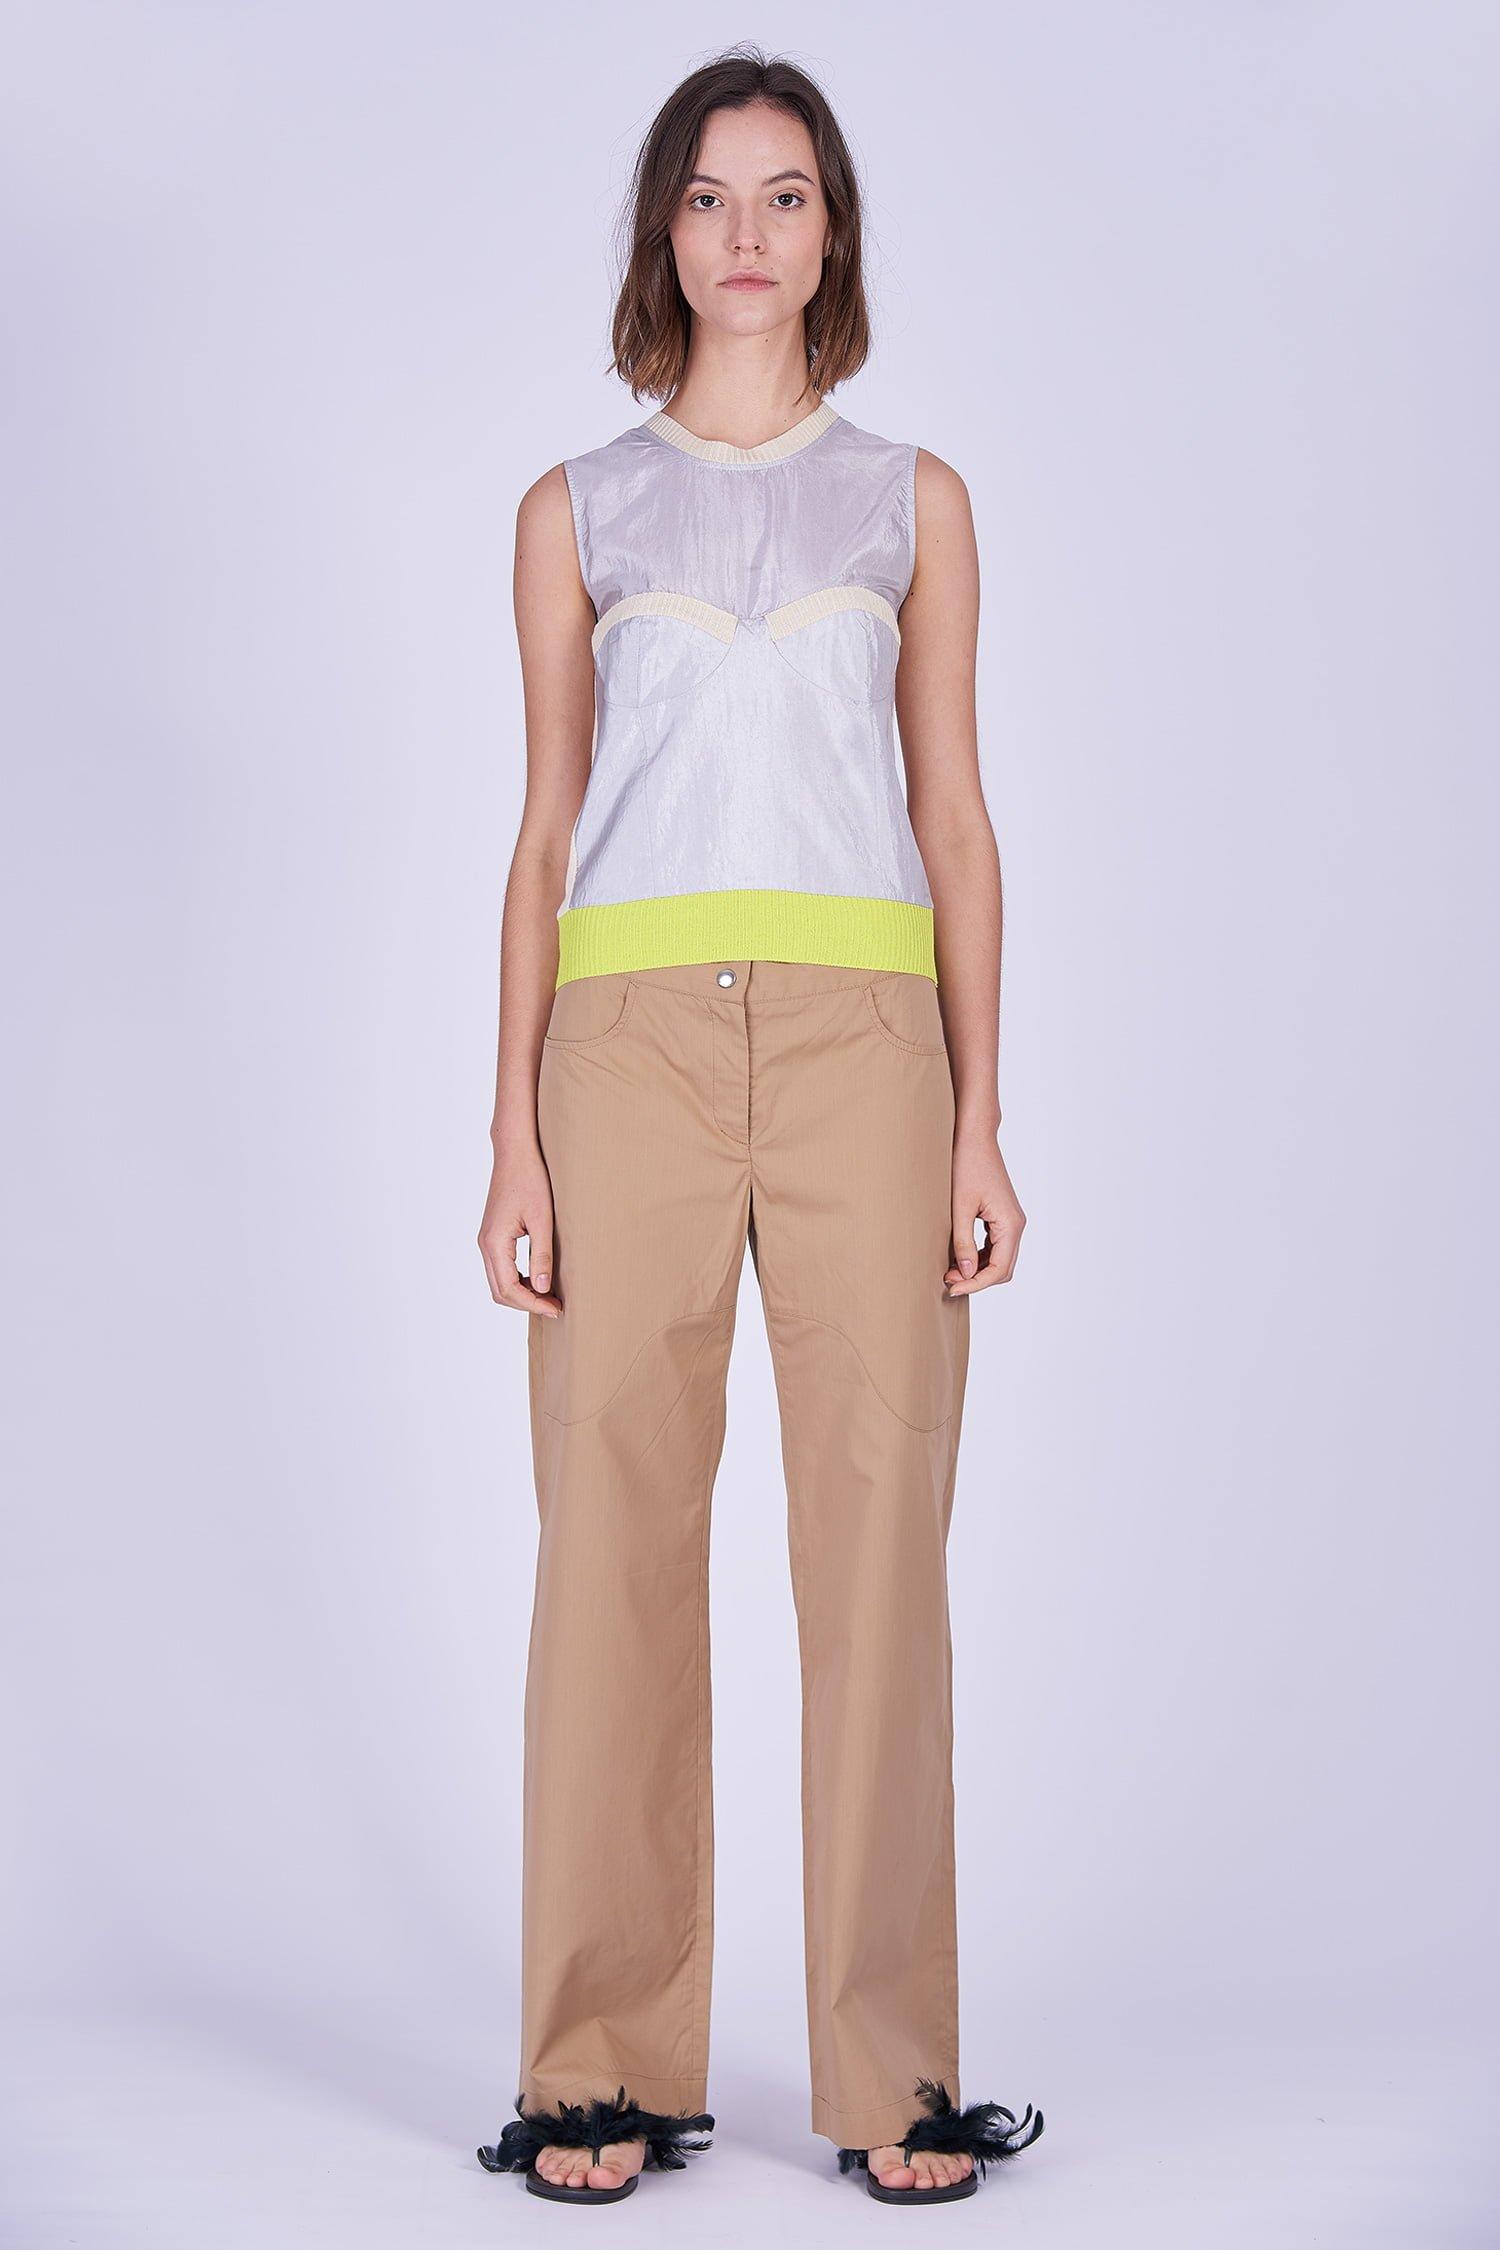 Acephala Ss2020 Silver Bustier Top Beige Cargo Trousers Srebrny Gorsetowy Bezowe Spodnie Front